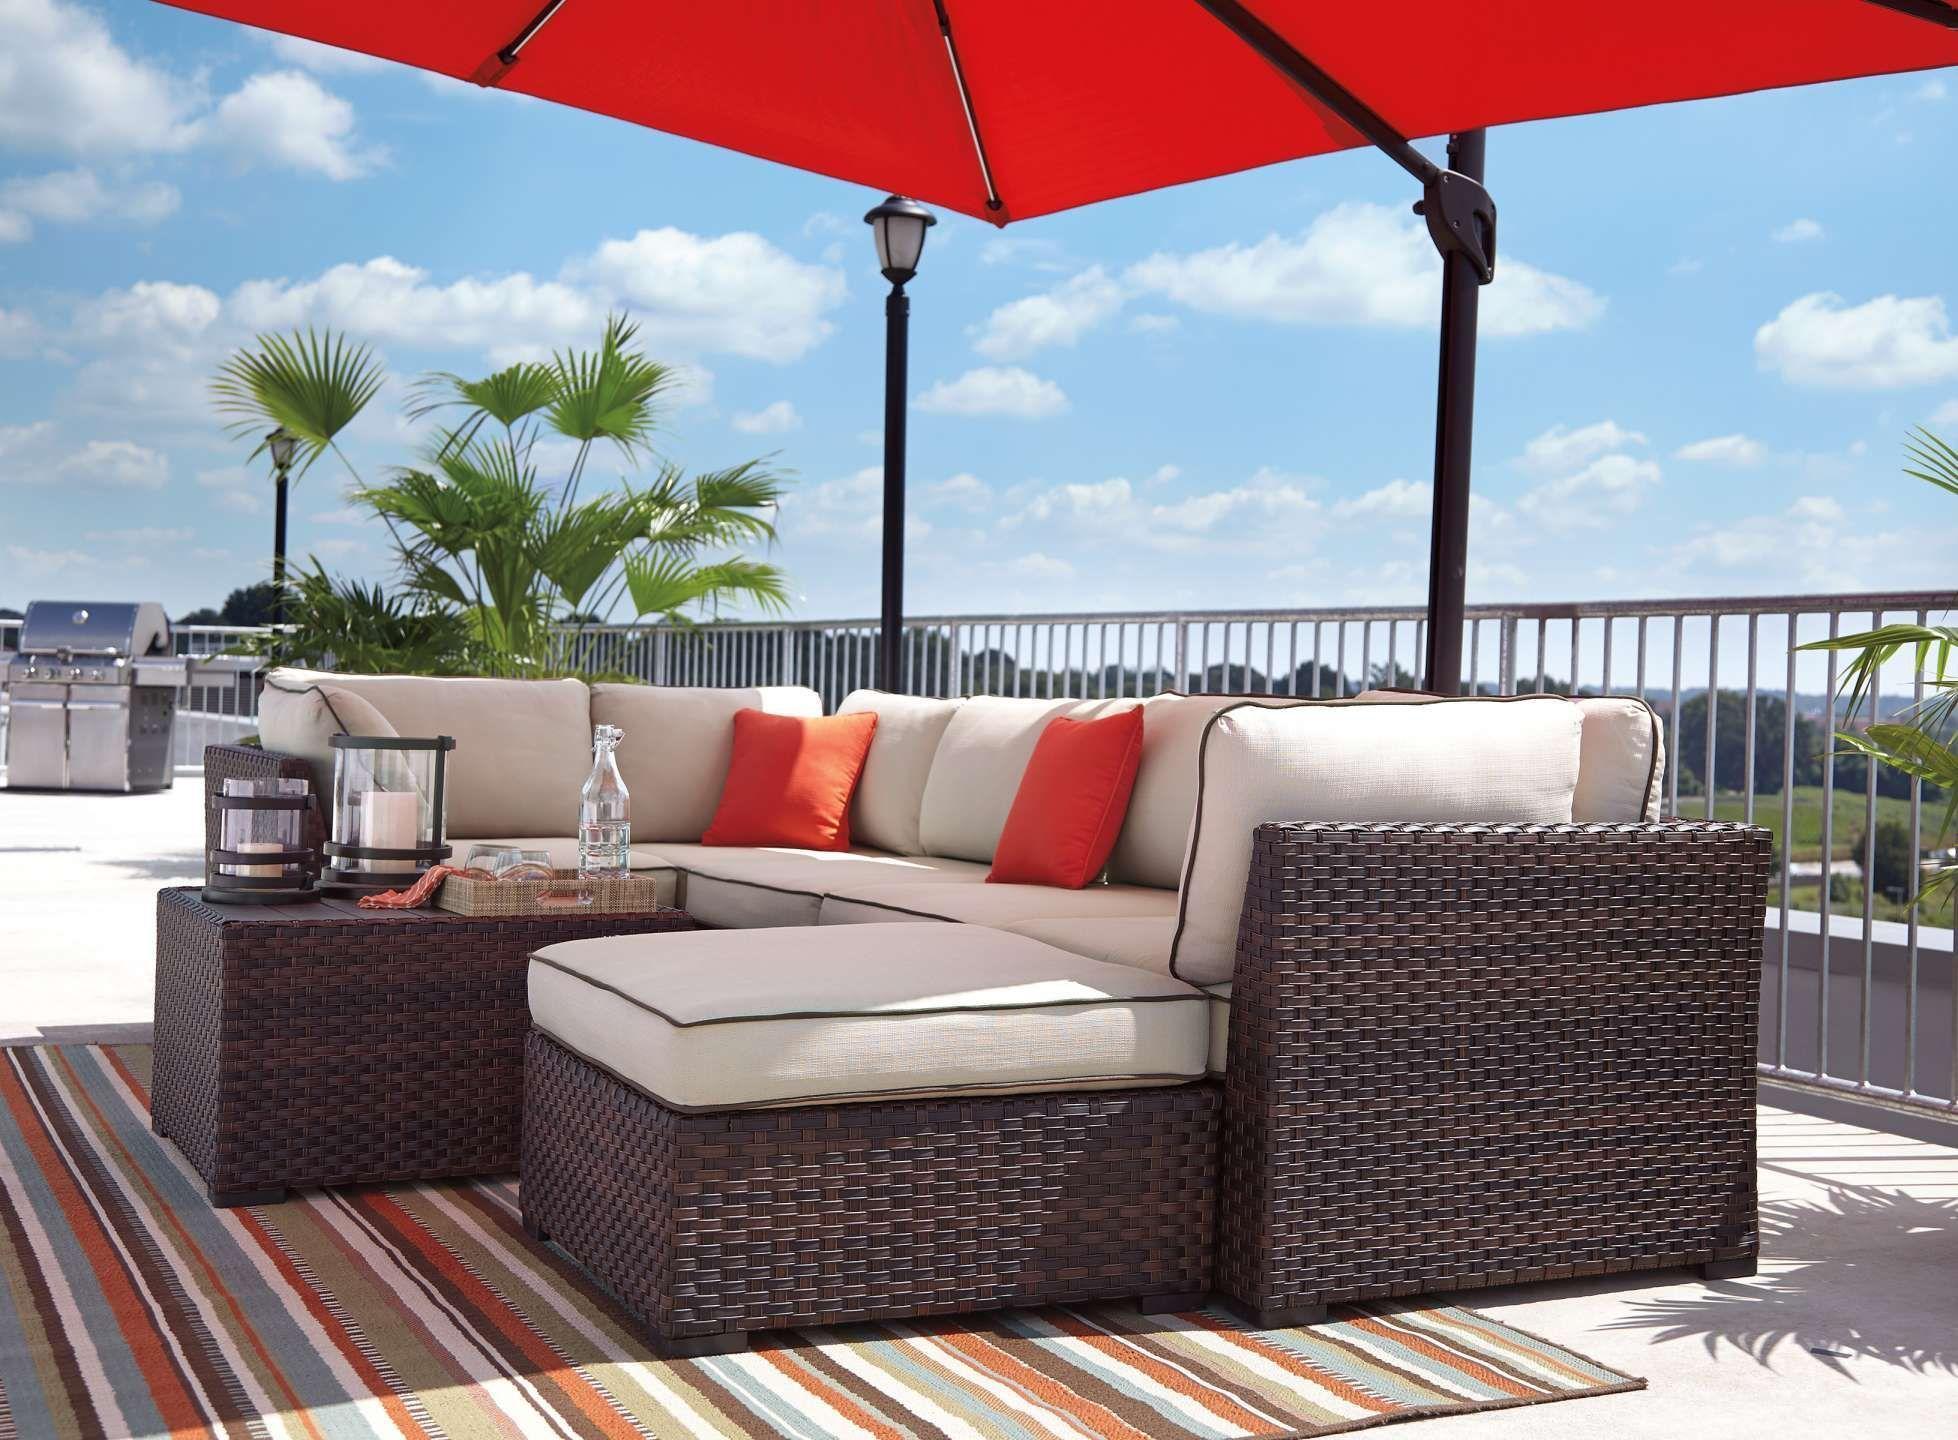 15 Meubles De Patio De Haute Qualite Meubles Jardin101 Com In 2020 Conversation Set Patio Outdoor Furniture Sets Patio